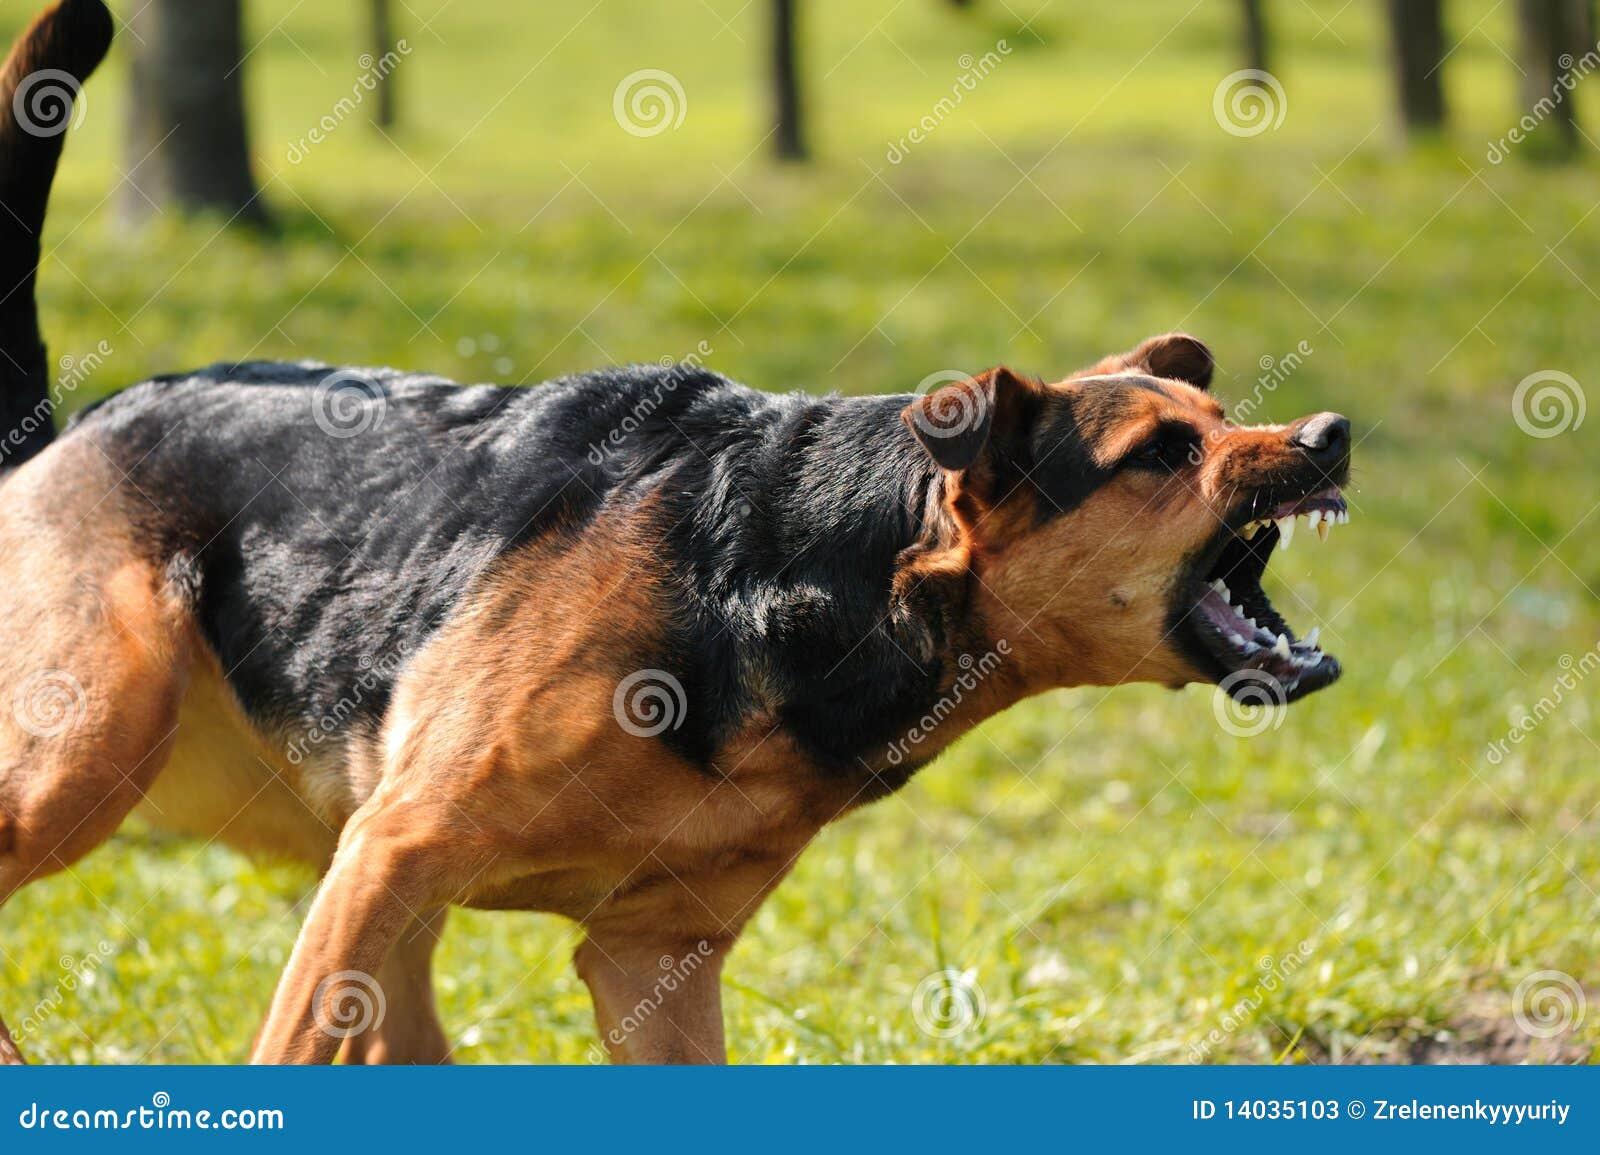 Cane arrabbiato con i denti scoperti